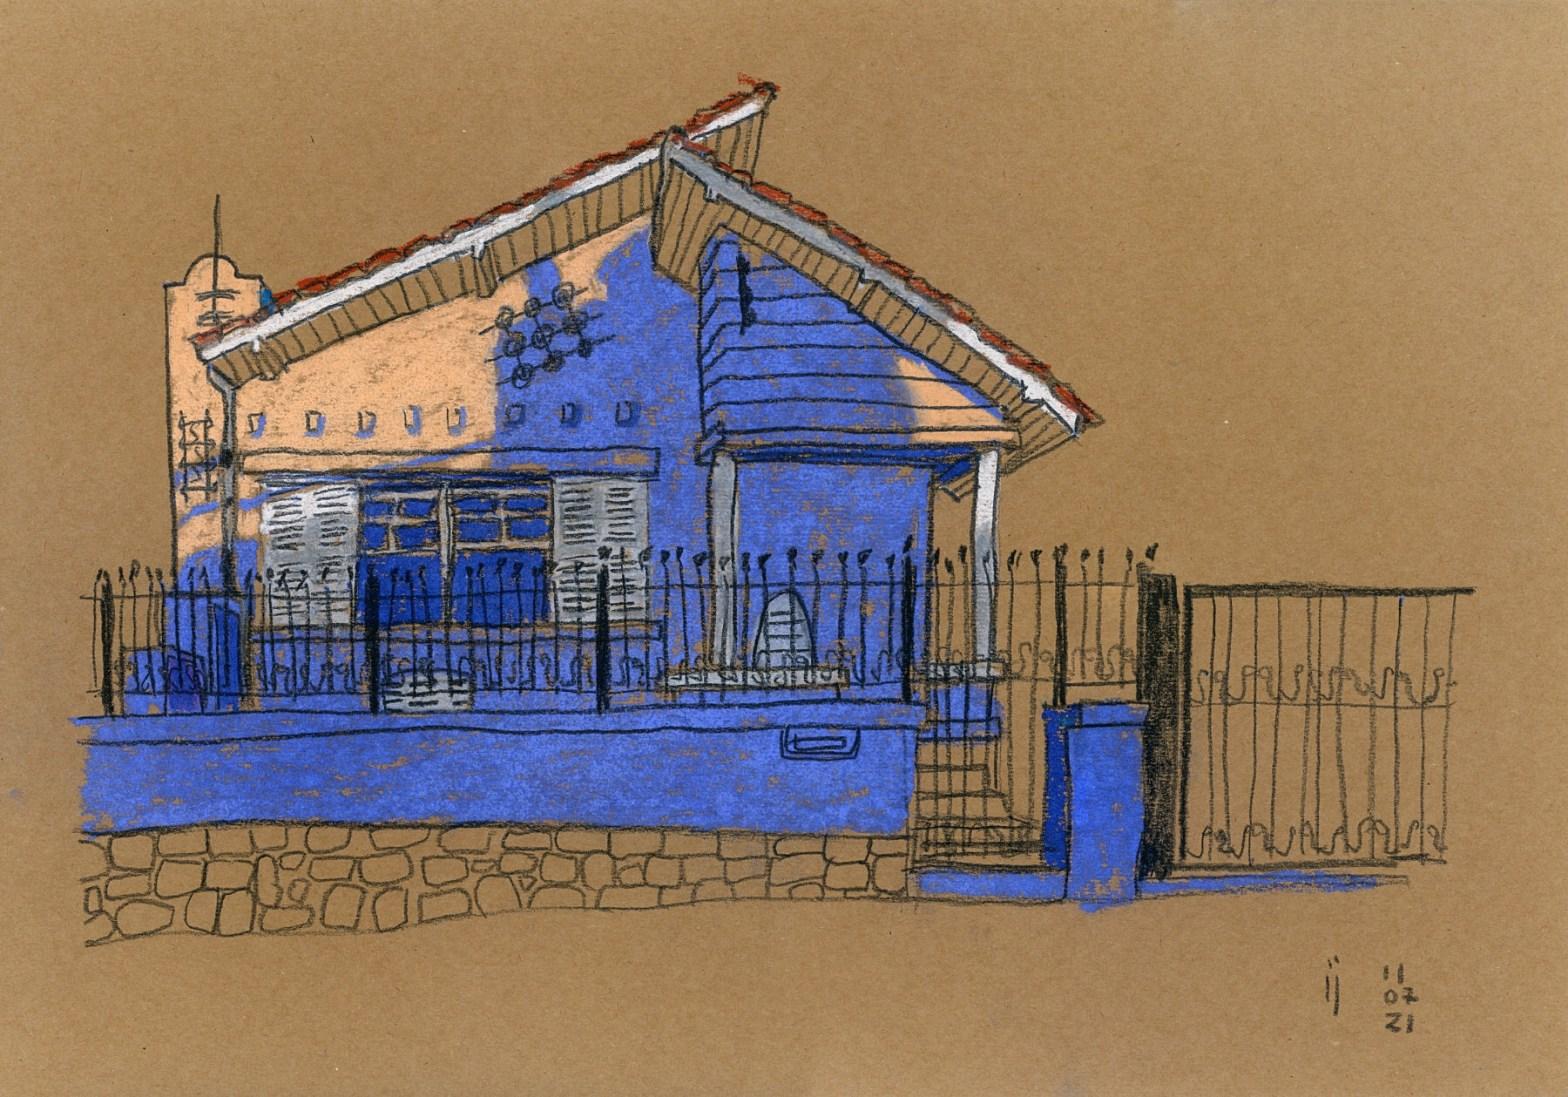 Desenho a pastel seco sobre papel kraft pardo mostrando a fachada de uma casa de um pavimento com telhados de duas águas. O sol projeta sombras azuis na fachada